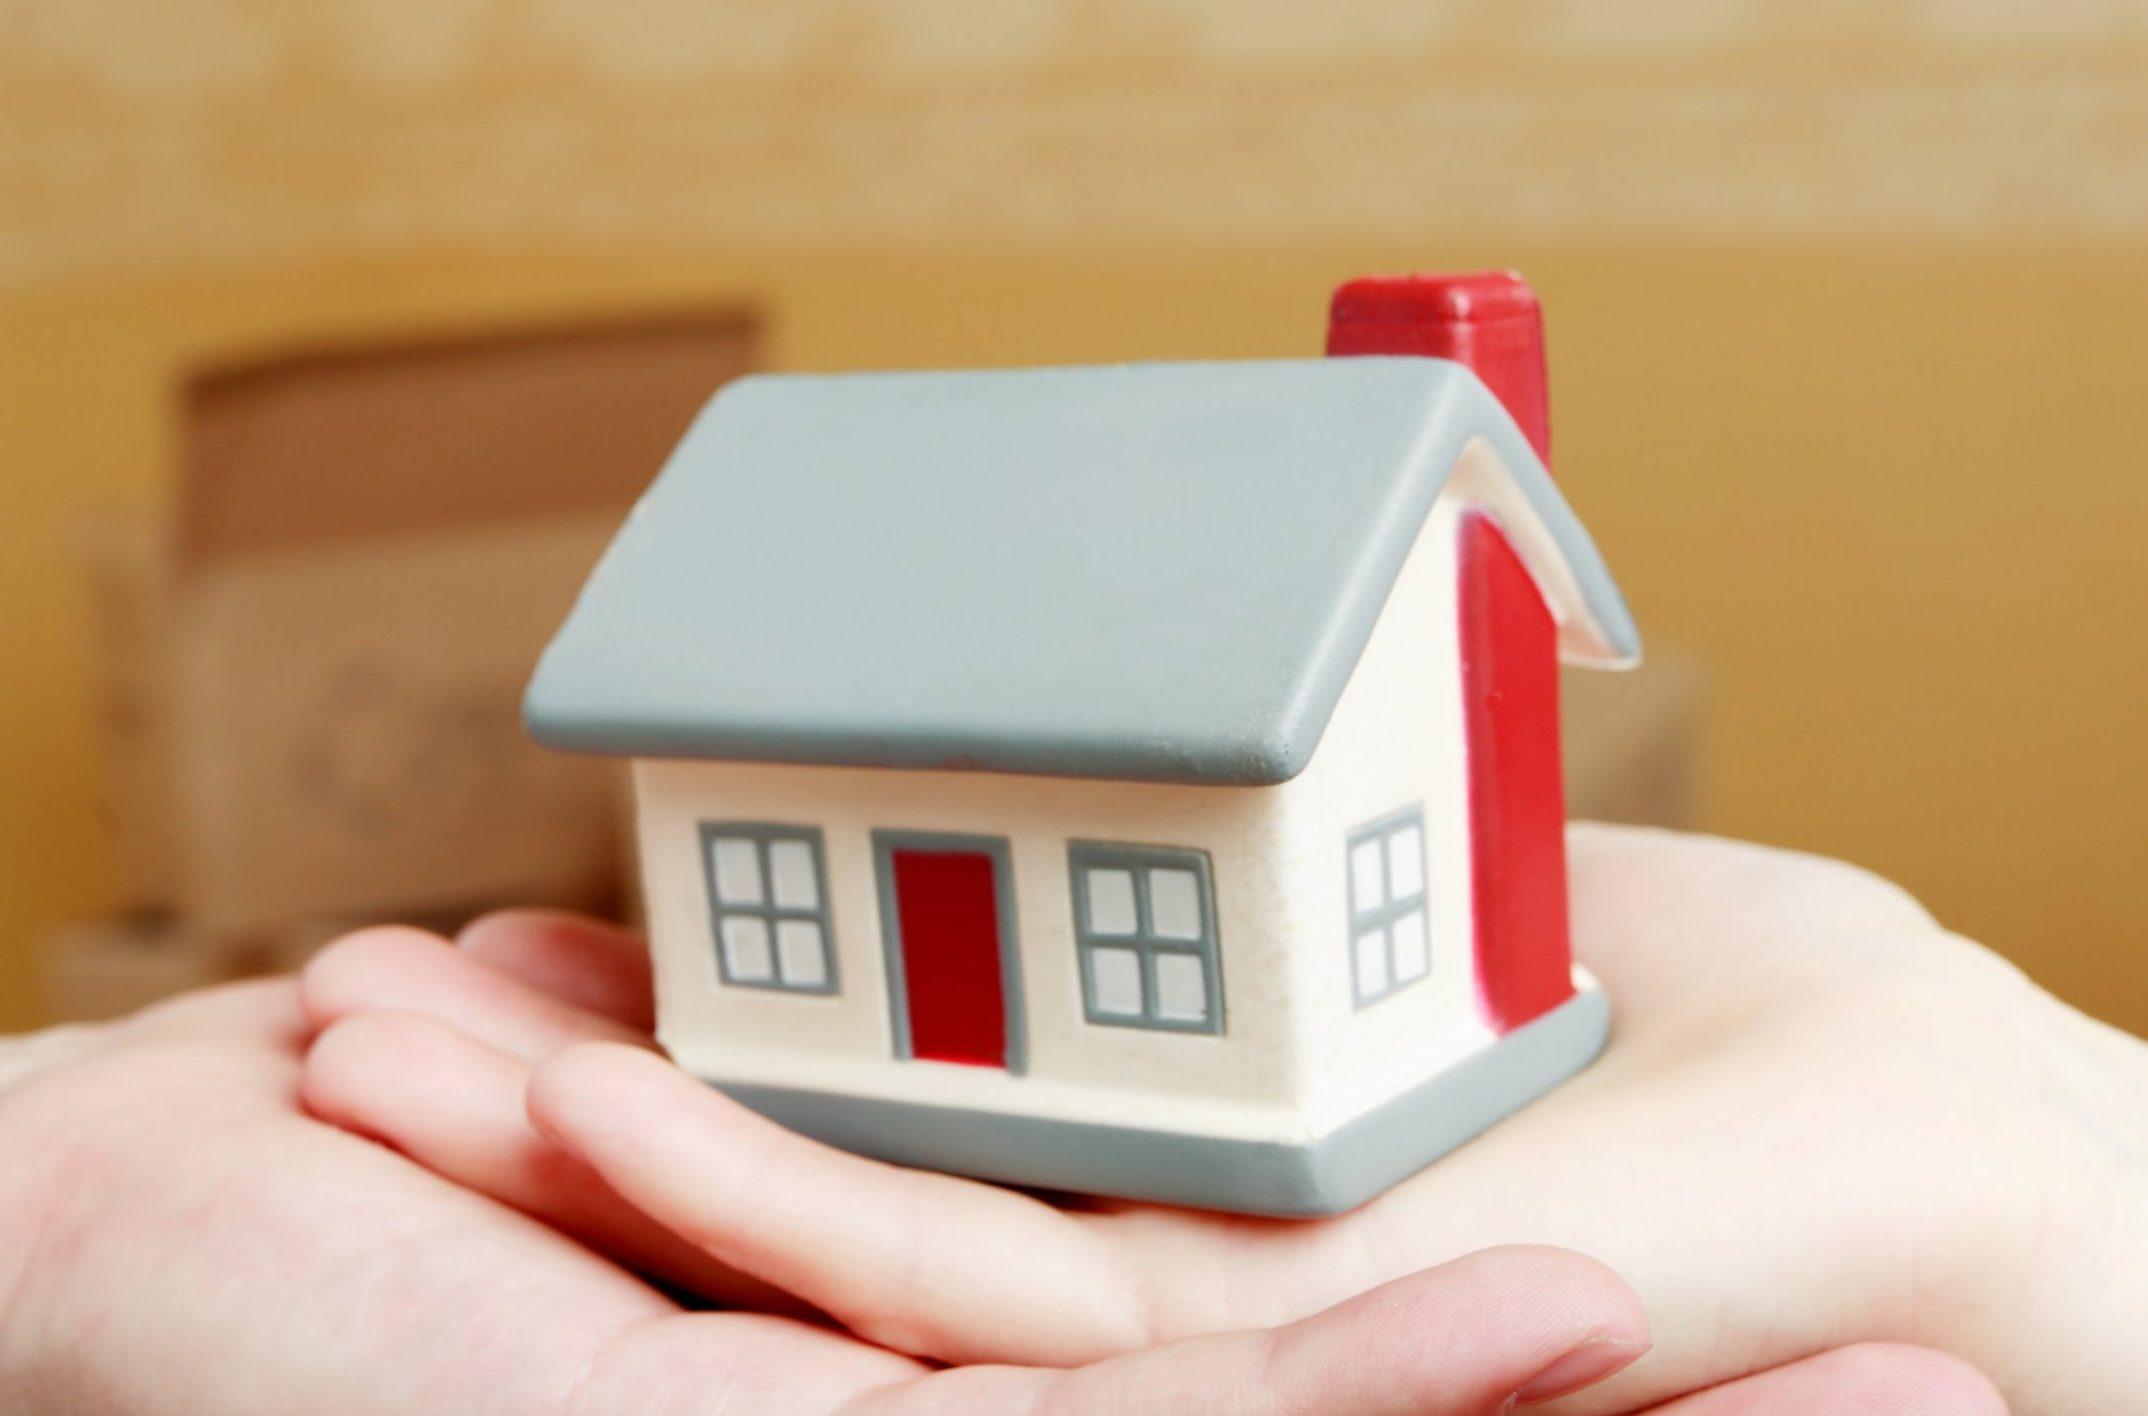 achat maison savez vous comment trouver la maison de vos